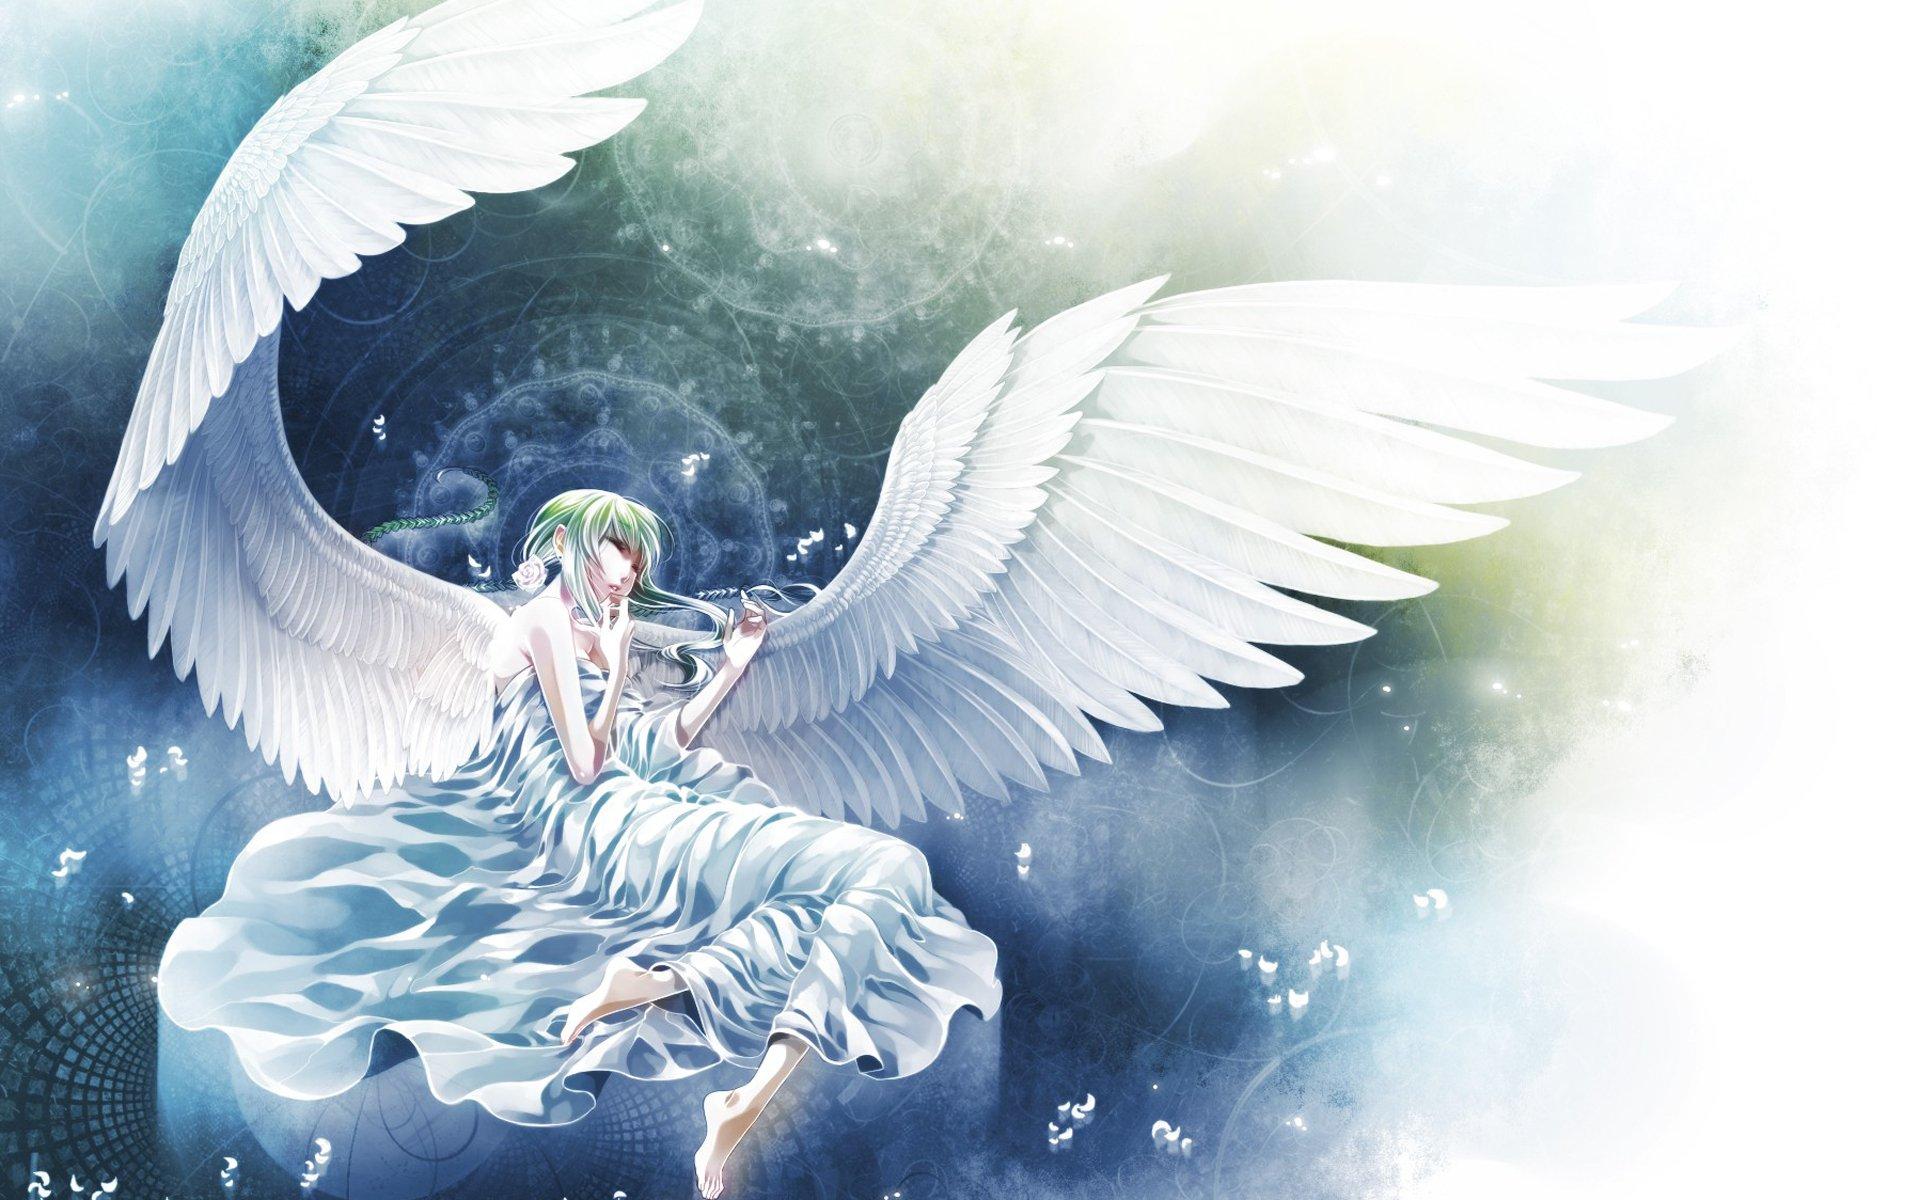 Anime - Angel  Wallpaper